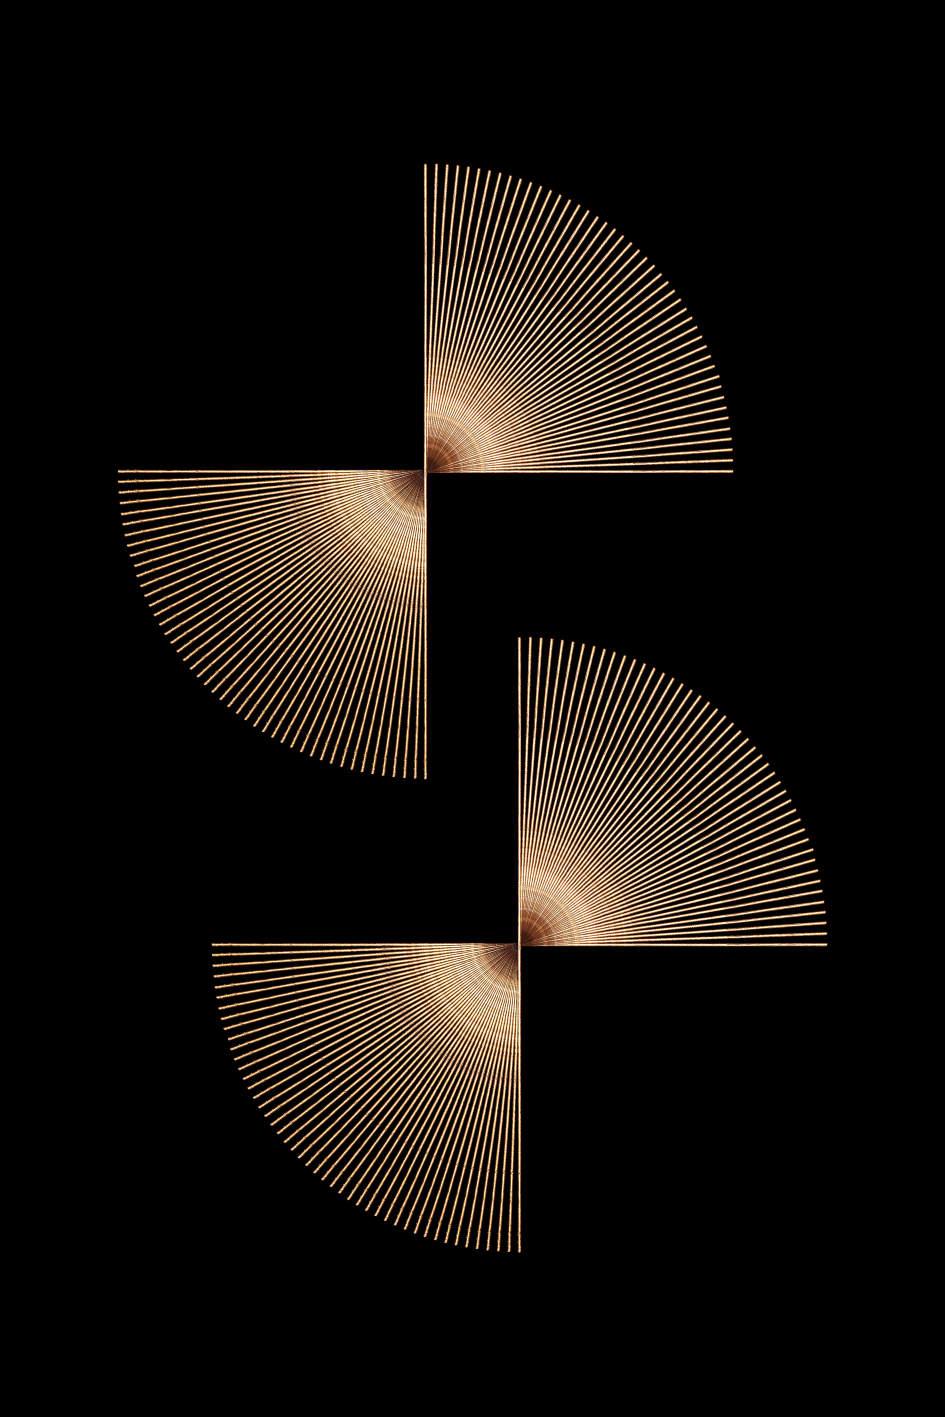 Markus Feiler - 23.75K NOODLES 2.1_Kunst_art_Künstler_artist